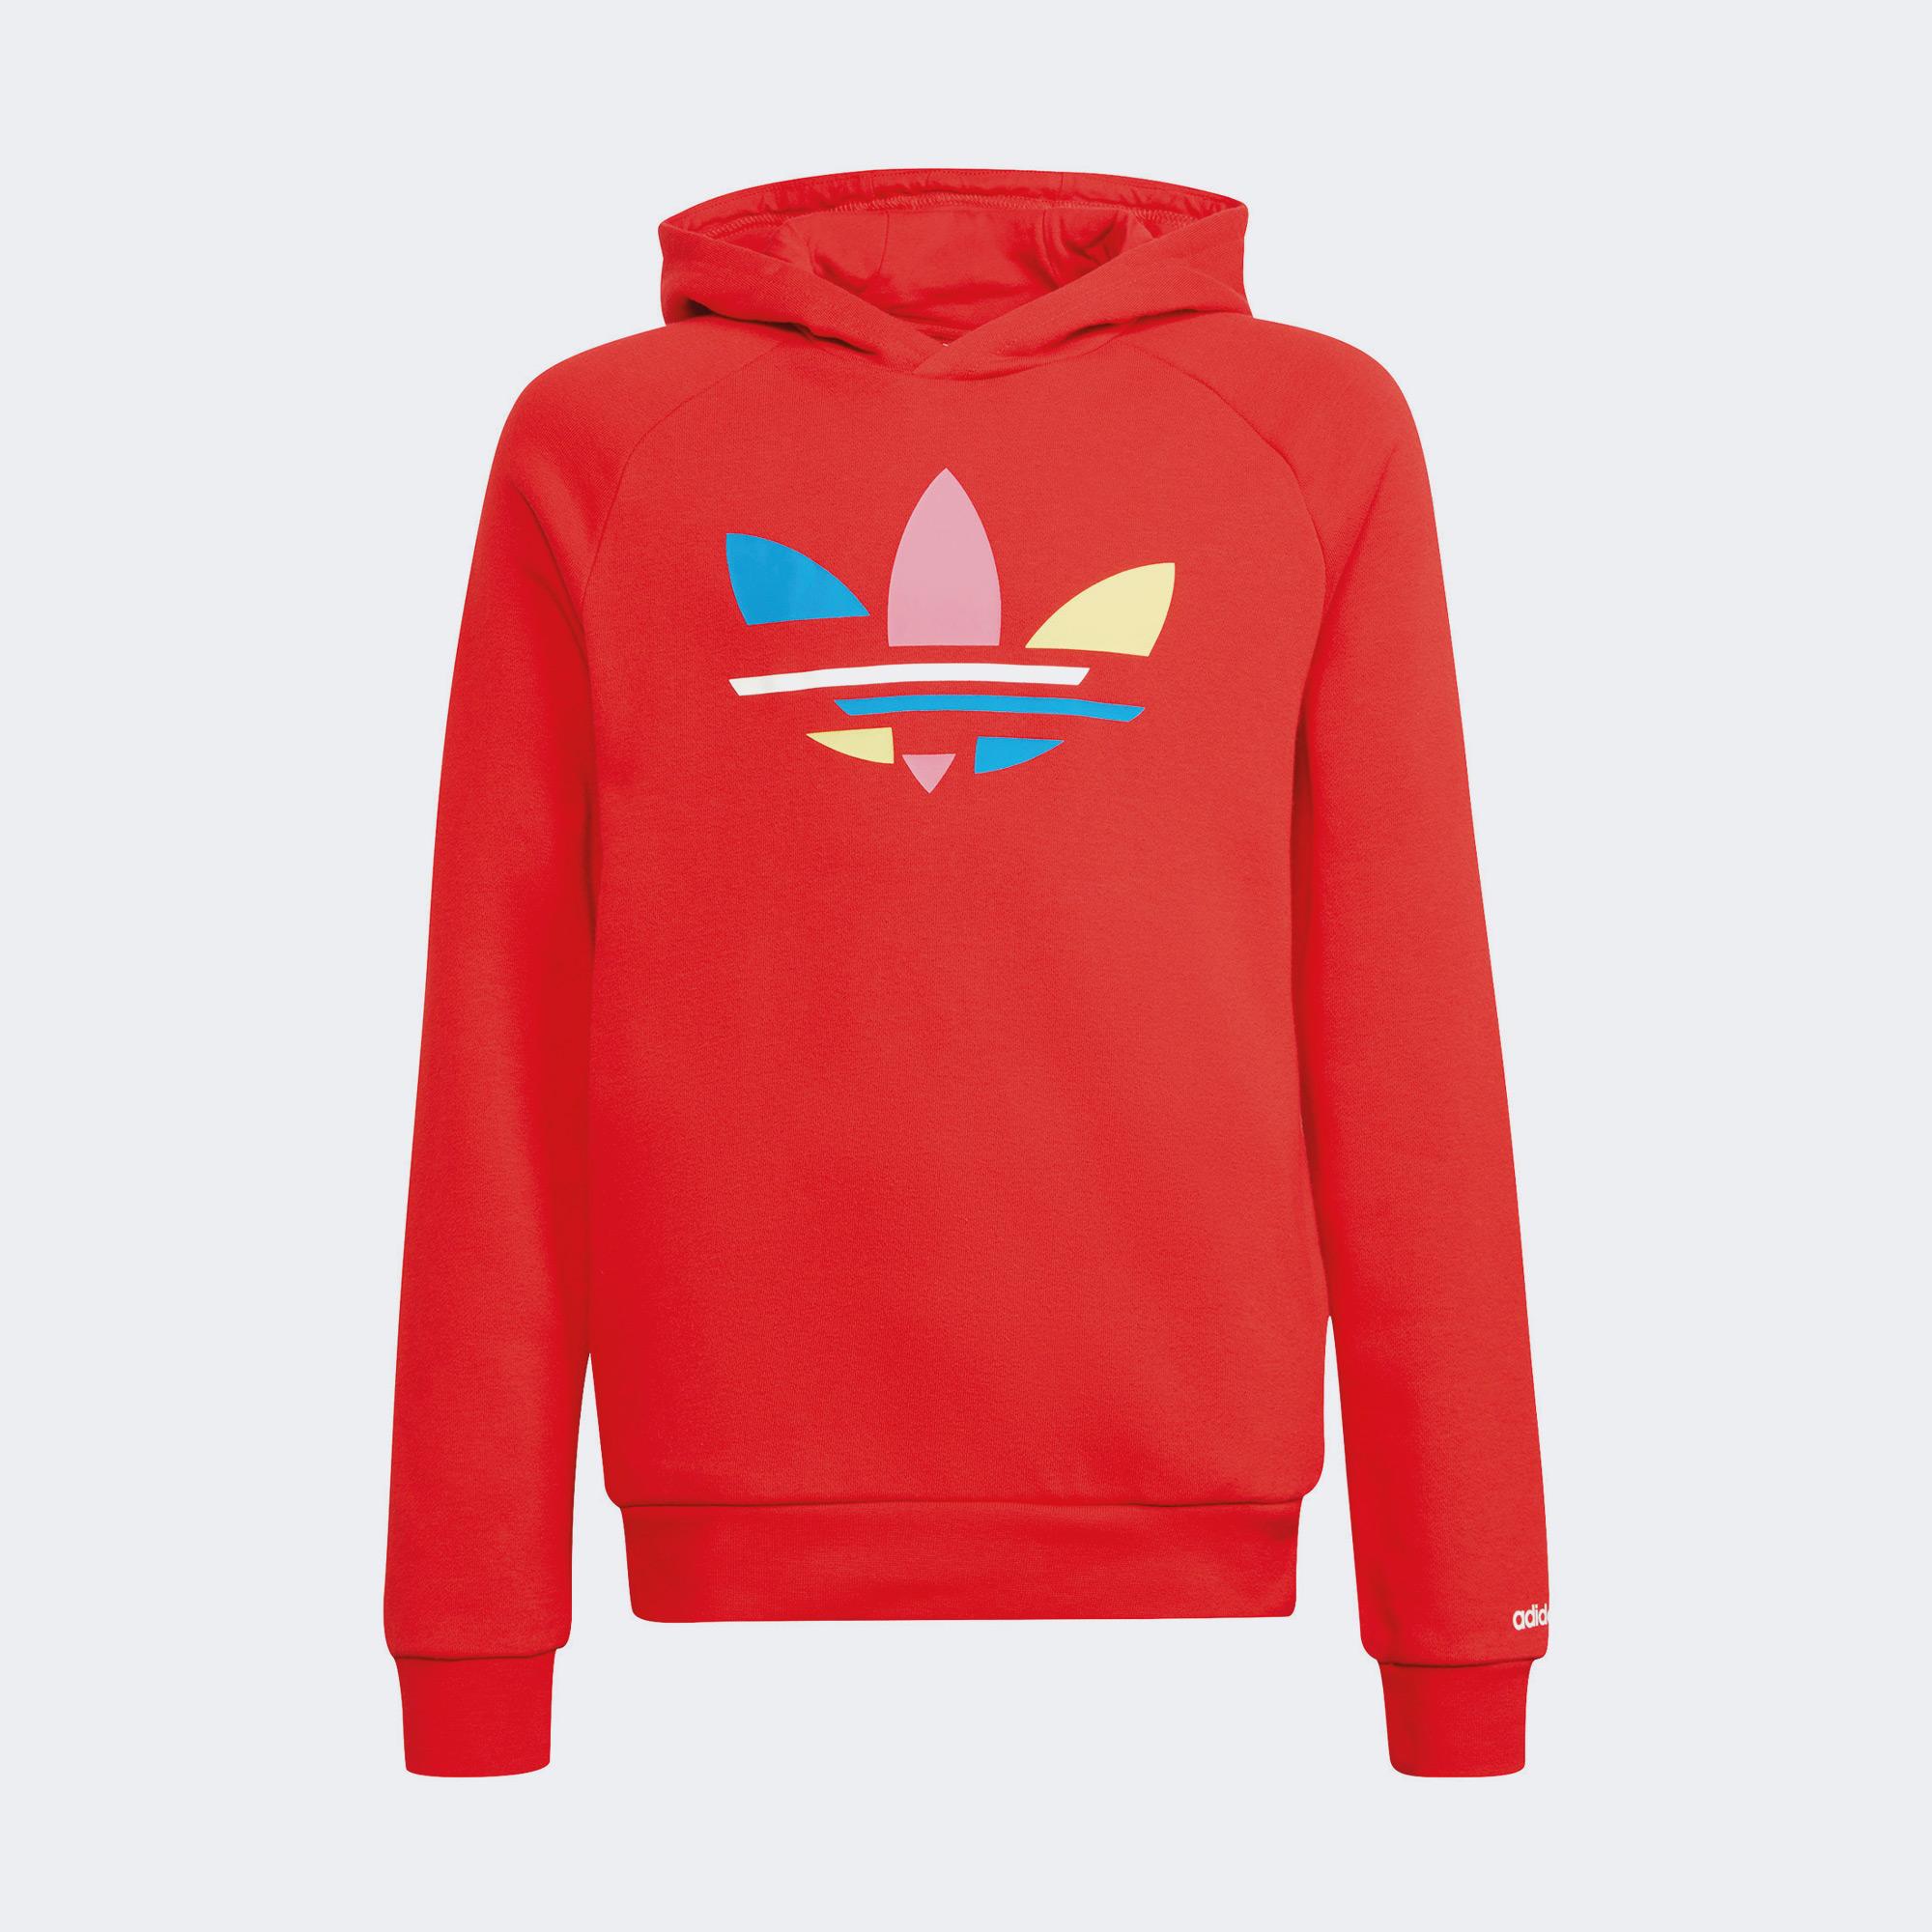 adidas Çocuk Kırmızı Sweatshirt